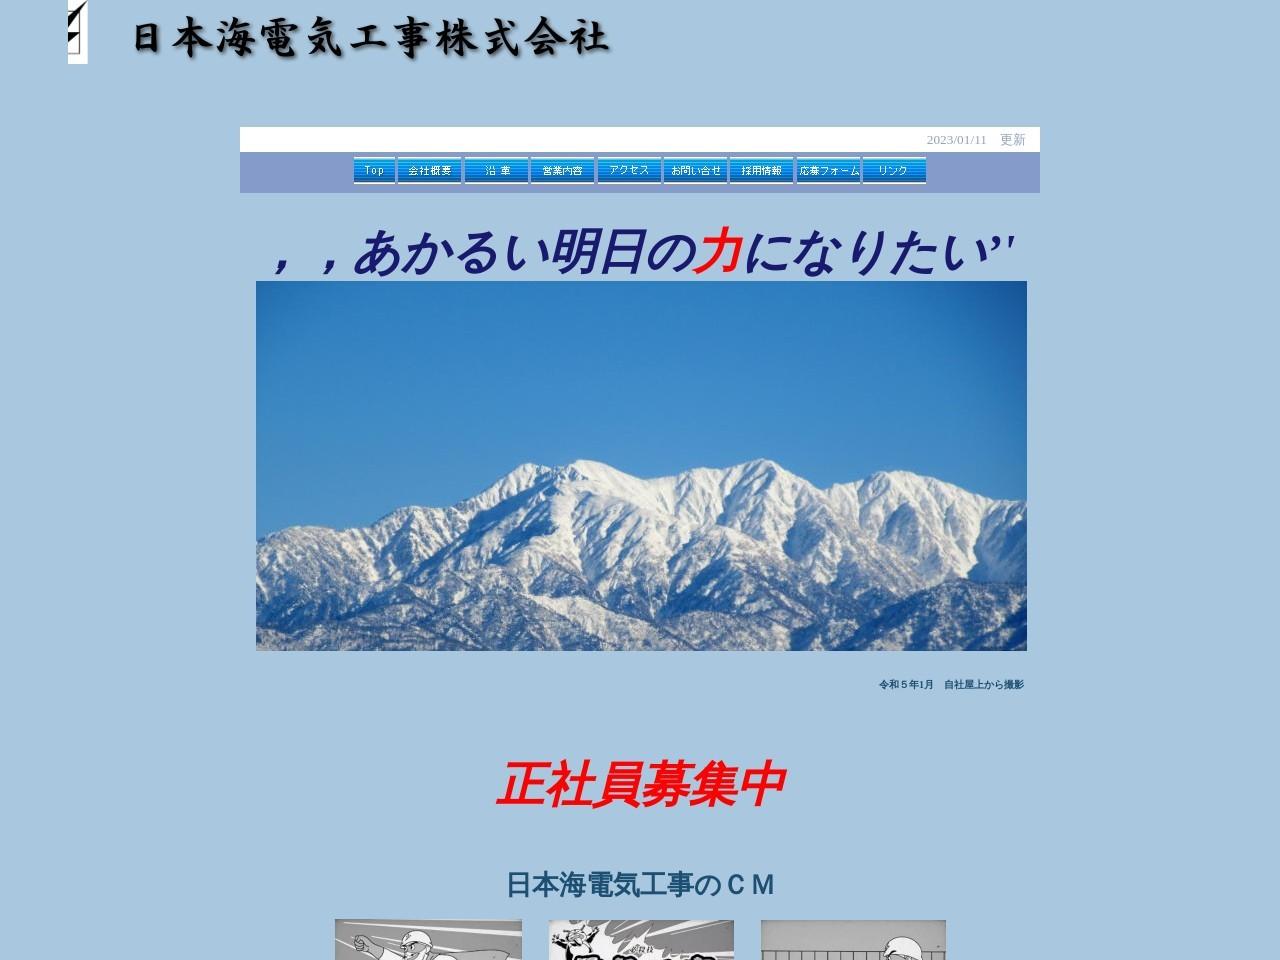 日本海電気工事株式会社